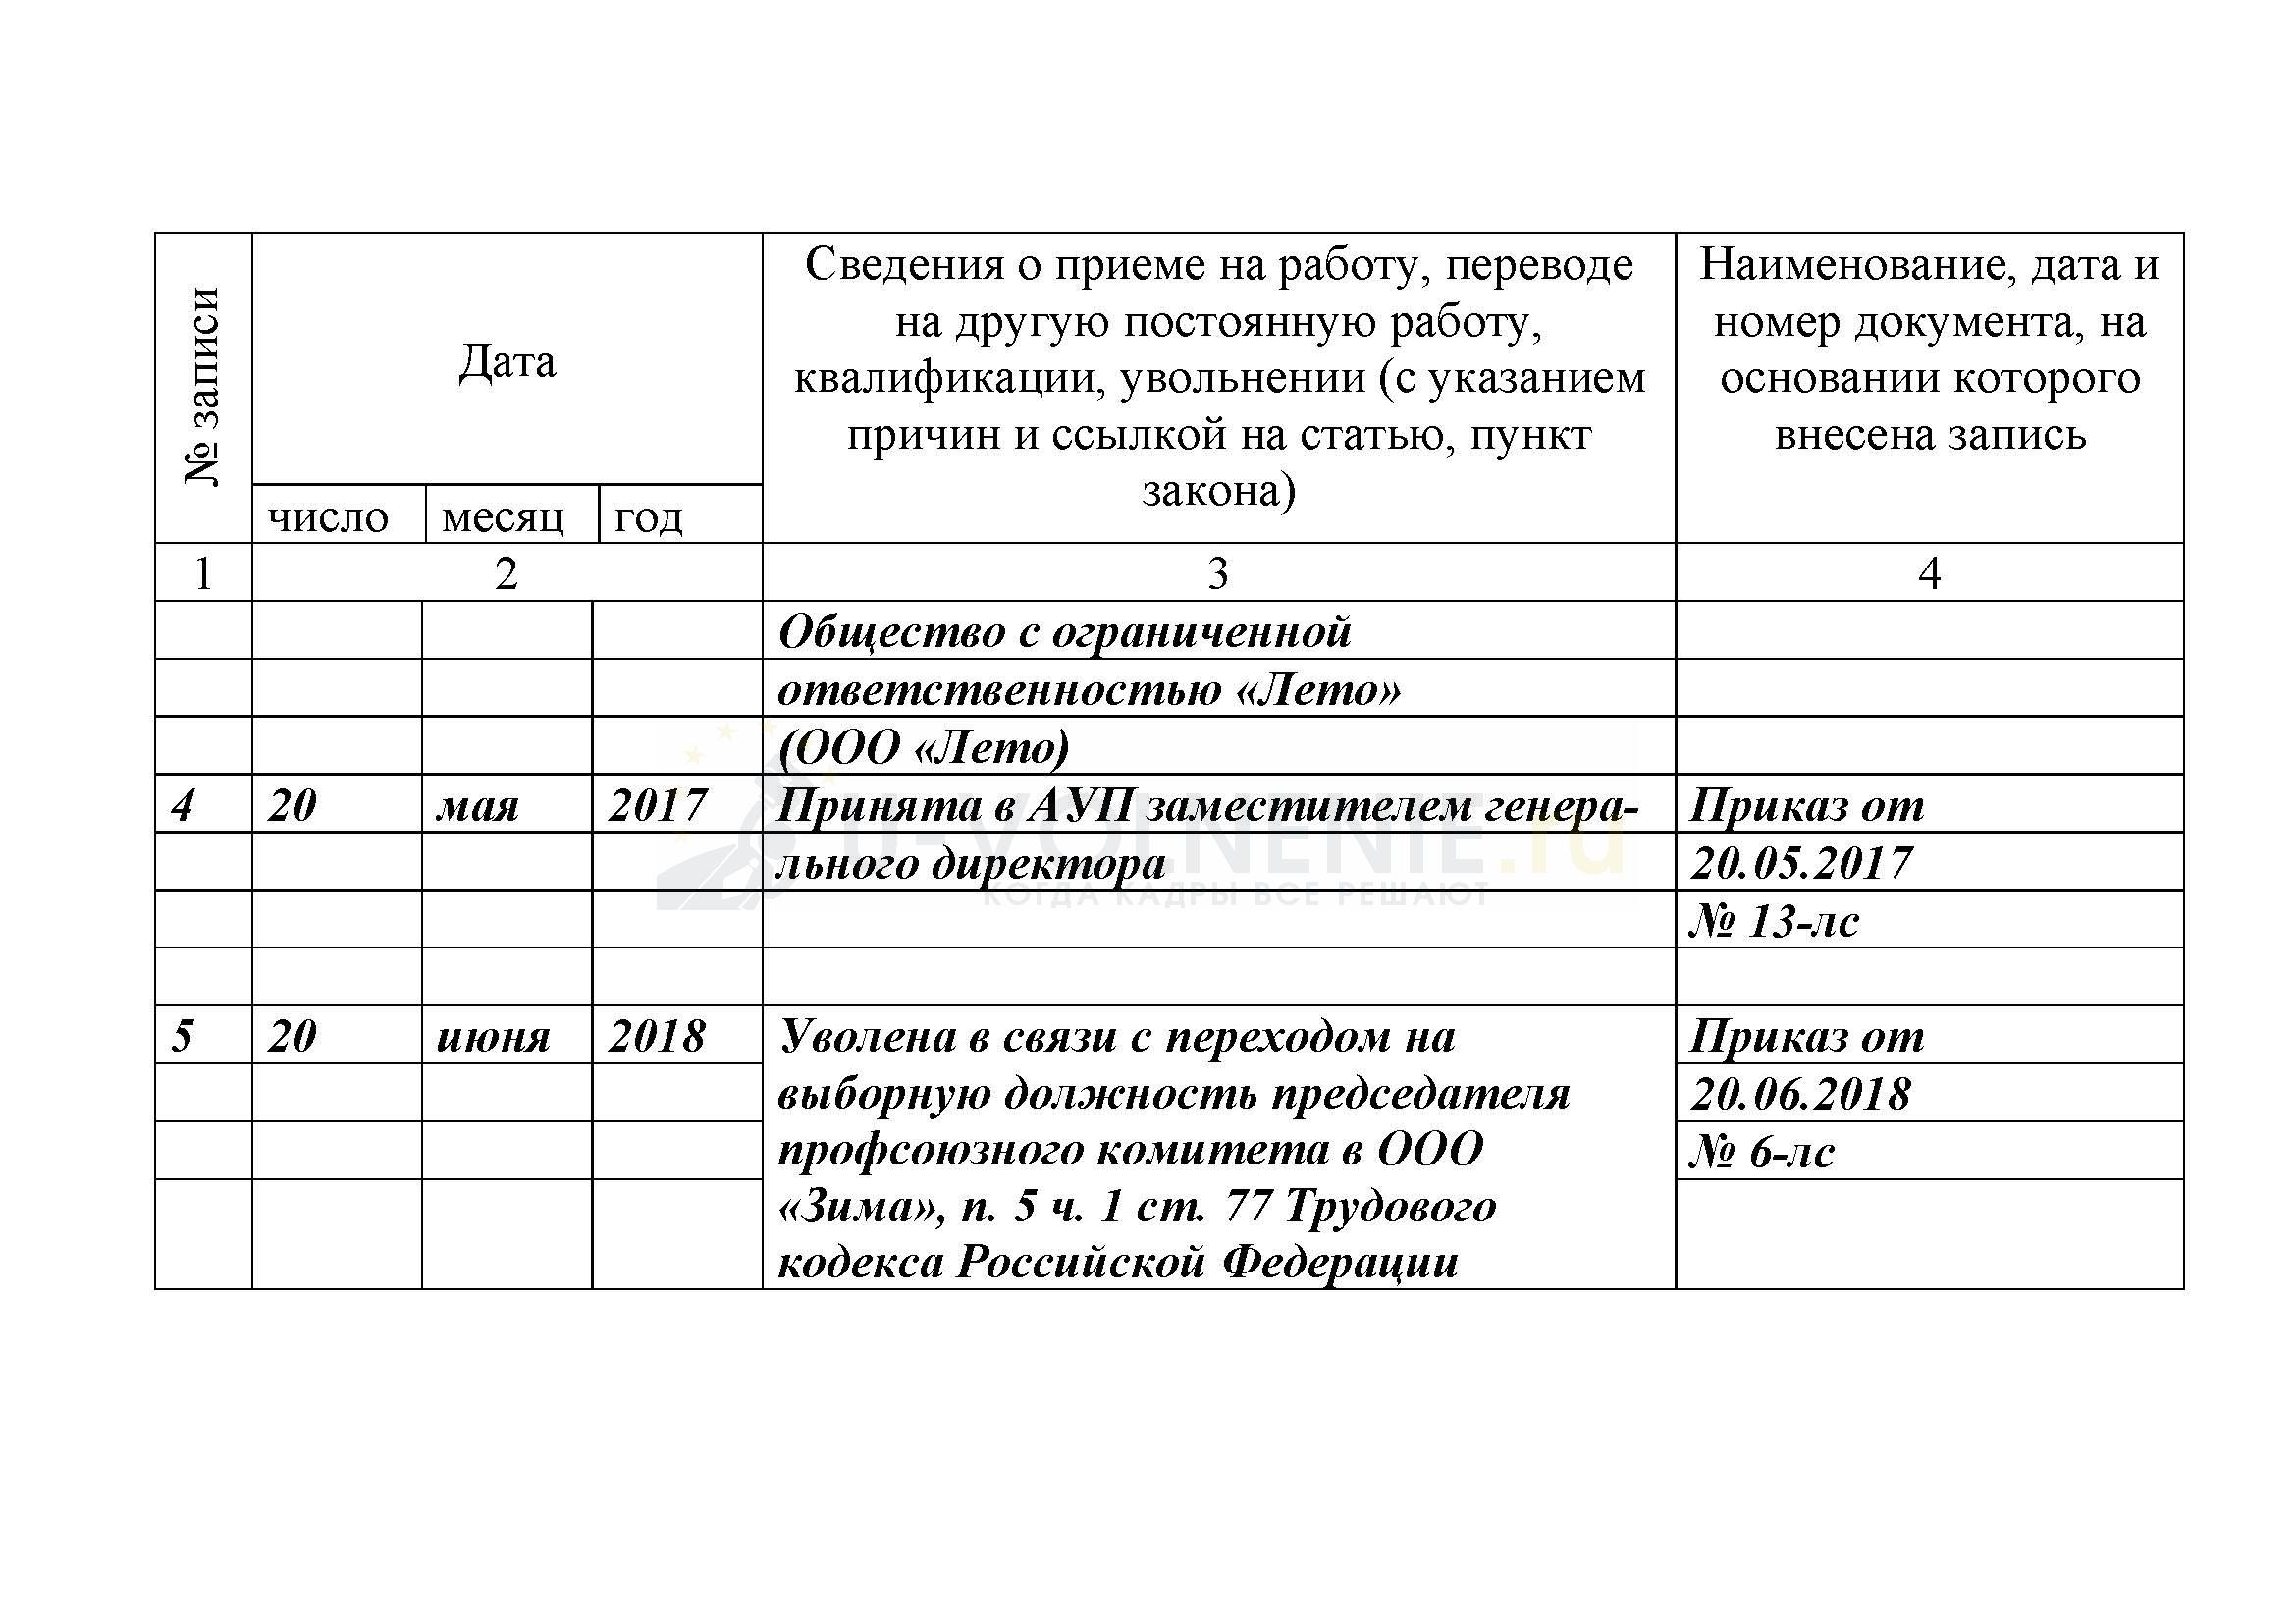 Образец записи в трудовую об увольнении в связи с переходом на выборную должность